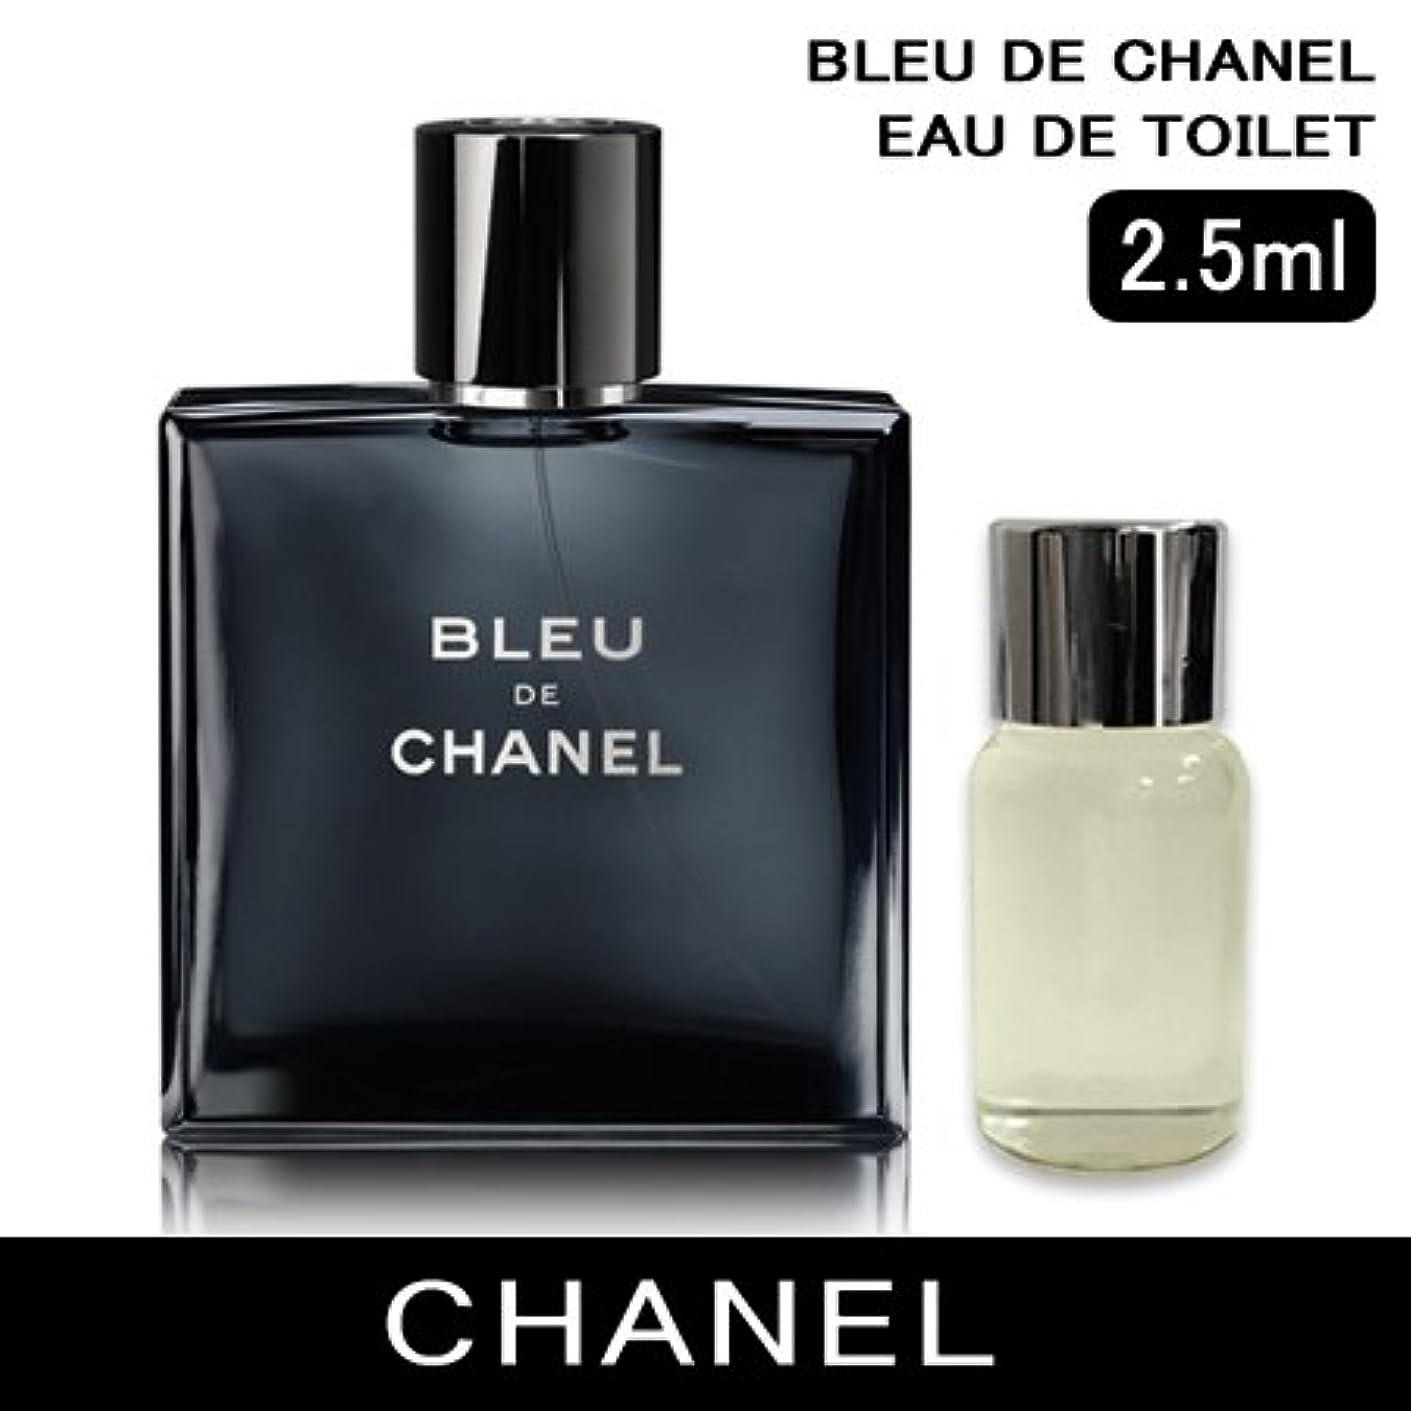 シャネル(CHANEL) ブルー ドゥ シャネル EDT 2.5ml (ミニチュア)[並行輸入品]